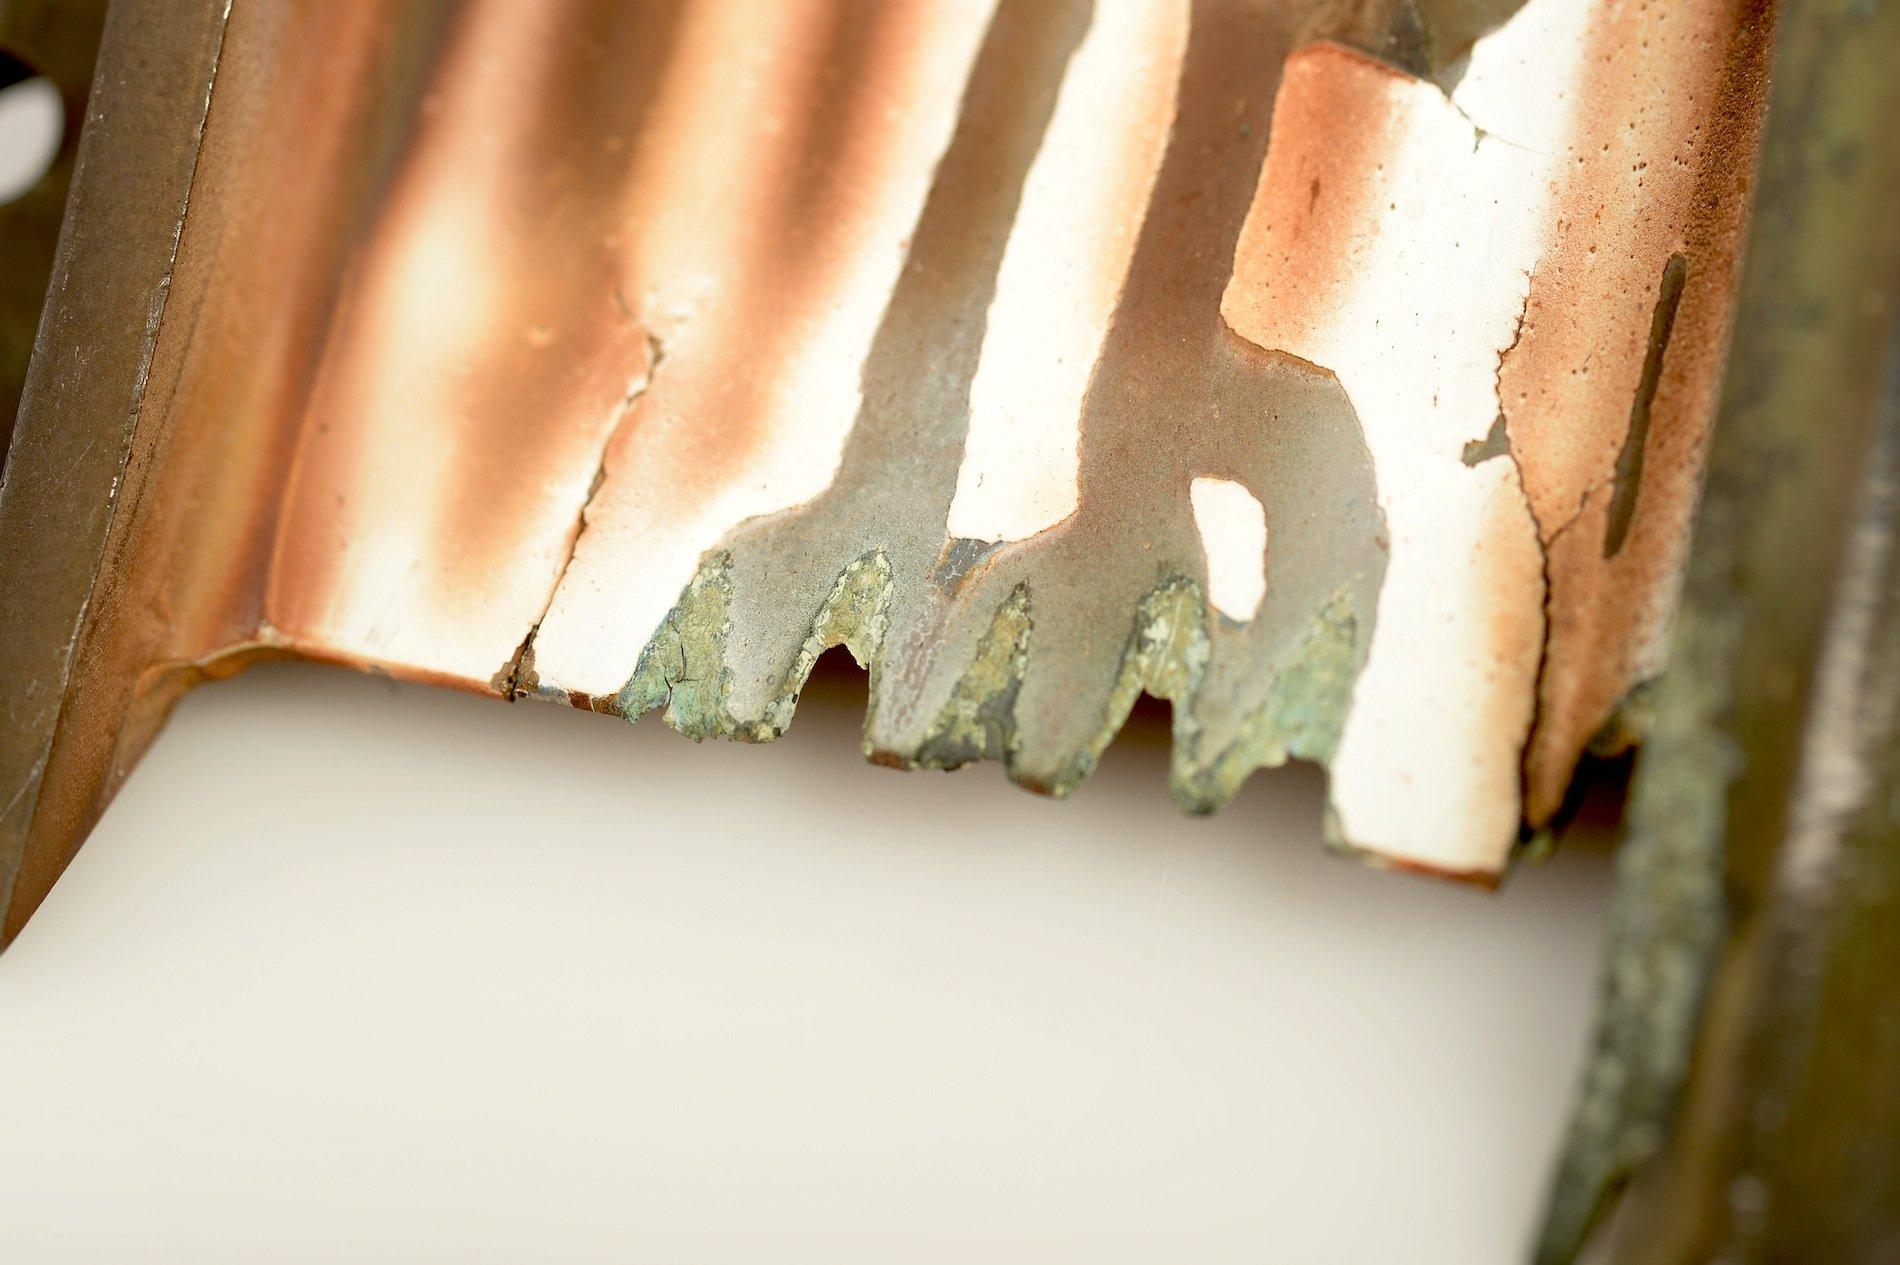 Von Asche zerstörte Keramikbeschichtung: Ähnlich wie bei einem Topf aus Emaille, bei dem die kompakte Emaillebei einer Deformation des Topfes abplatzt, platzt eine durch geschmolzene Vulkanasche unter Druck gesetzte Wärmedämmschicht von einer Turbinenschaufel ab.